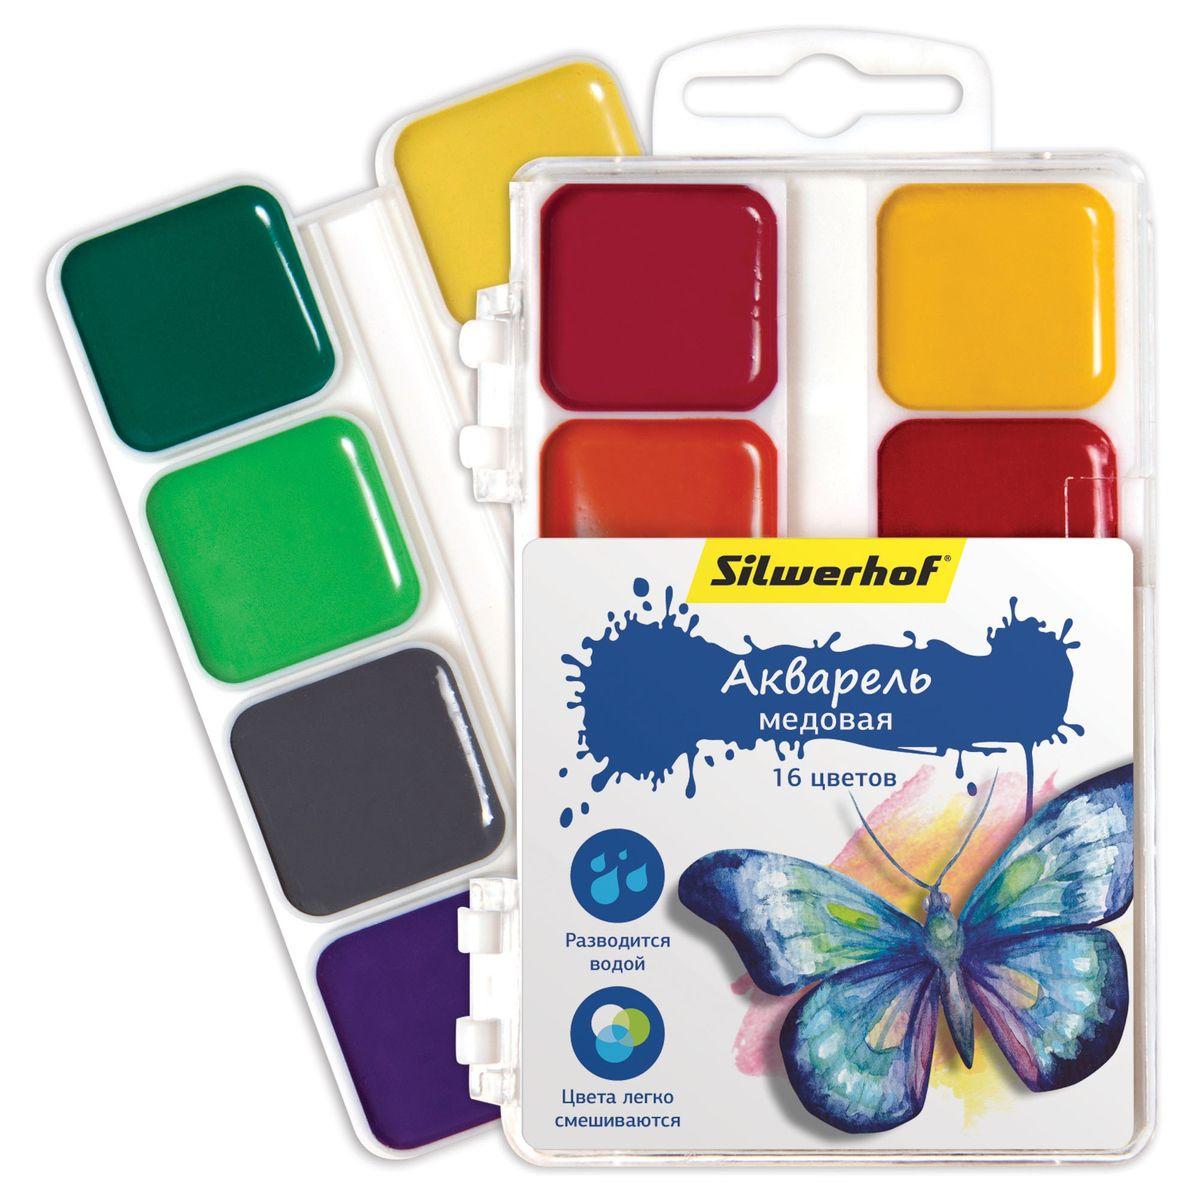 Silwerhof Акварель медовая Бабочки 16 цветов961124-16Медовая акварель Silwerhof Бабочки идеально подходит для детского творчества и живописных работ на бумаге и картоне.Яркие и насыщенные цвета красок. Все цвета легко смешиваются между собой, образуя целый спектр новых оттенков. Краски легко разводятся водой, быстро высыхают.Состав: декстрин, глицерин дистиллированный, сахар, мел, пигменты, консервант, вода питьевая.